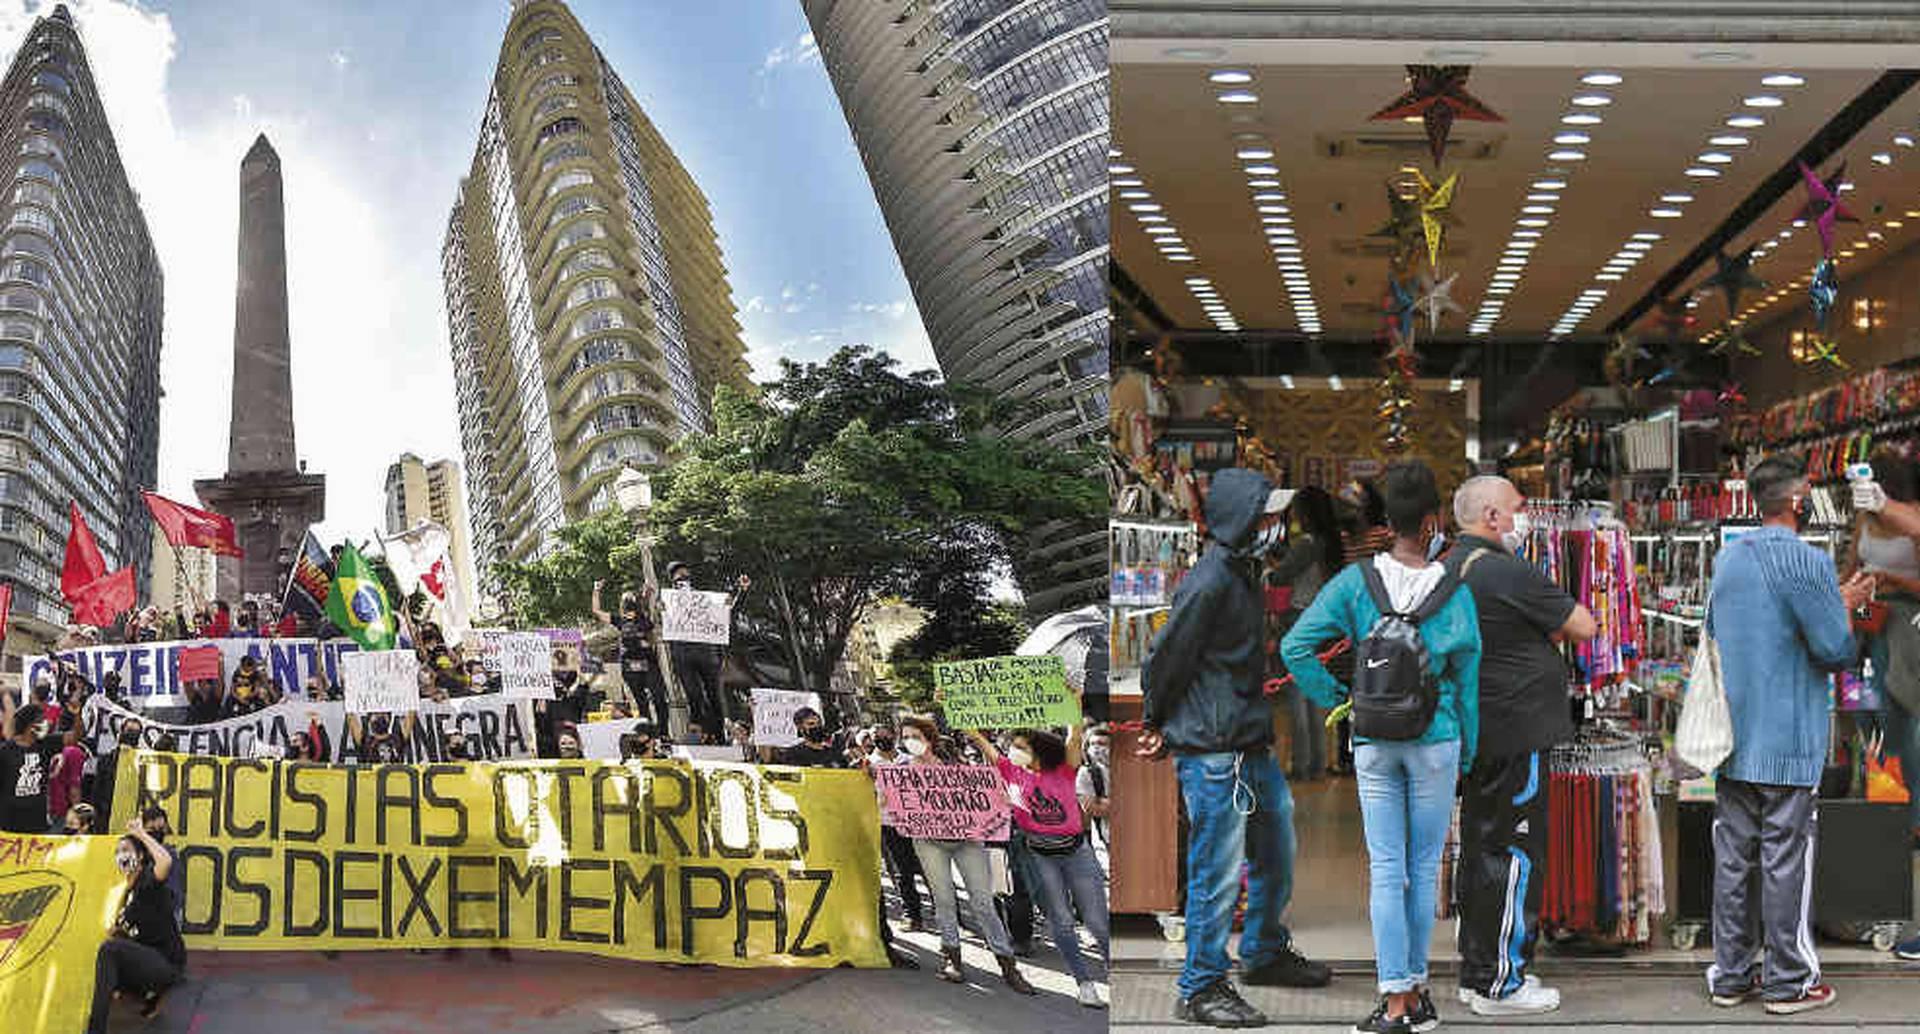 Miles salieron a las calles de São Paulo a protestar contra el racismo, la inoperancia durante la emergencia sanitaria y el ataque de Bolsonaro al sistema democrático. La ciudad, al igual que Río de Janeiro, abrió los centros comerciales a pesar de que la enfermedad no da tregua.